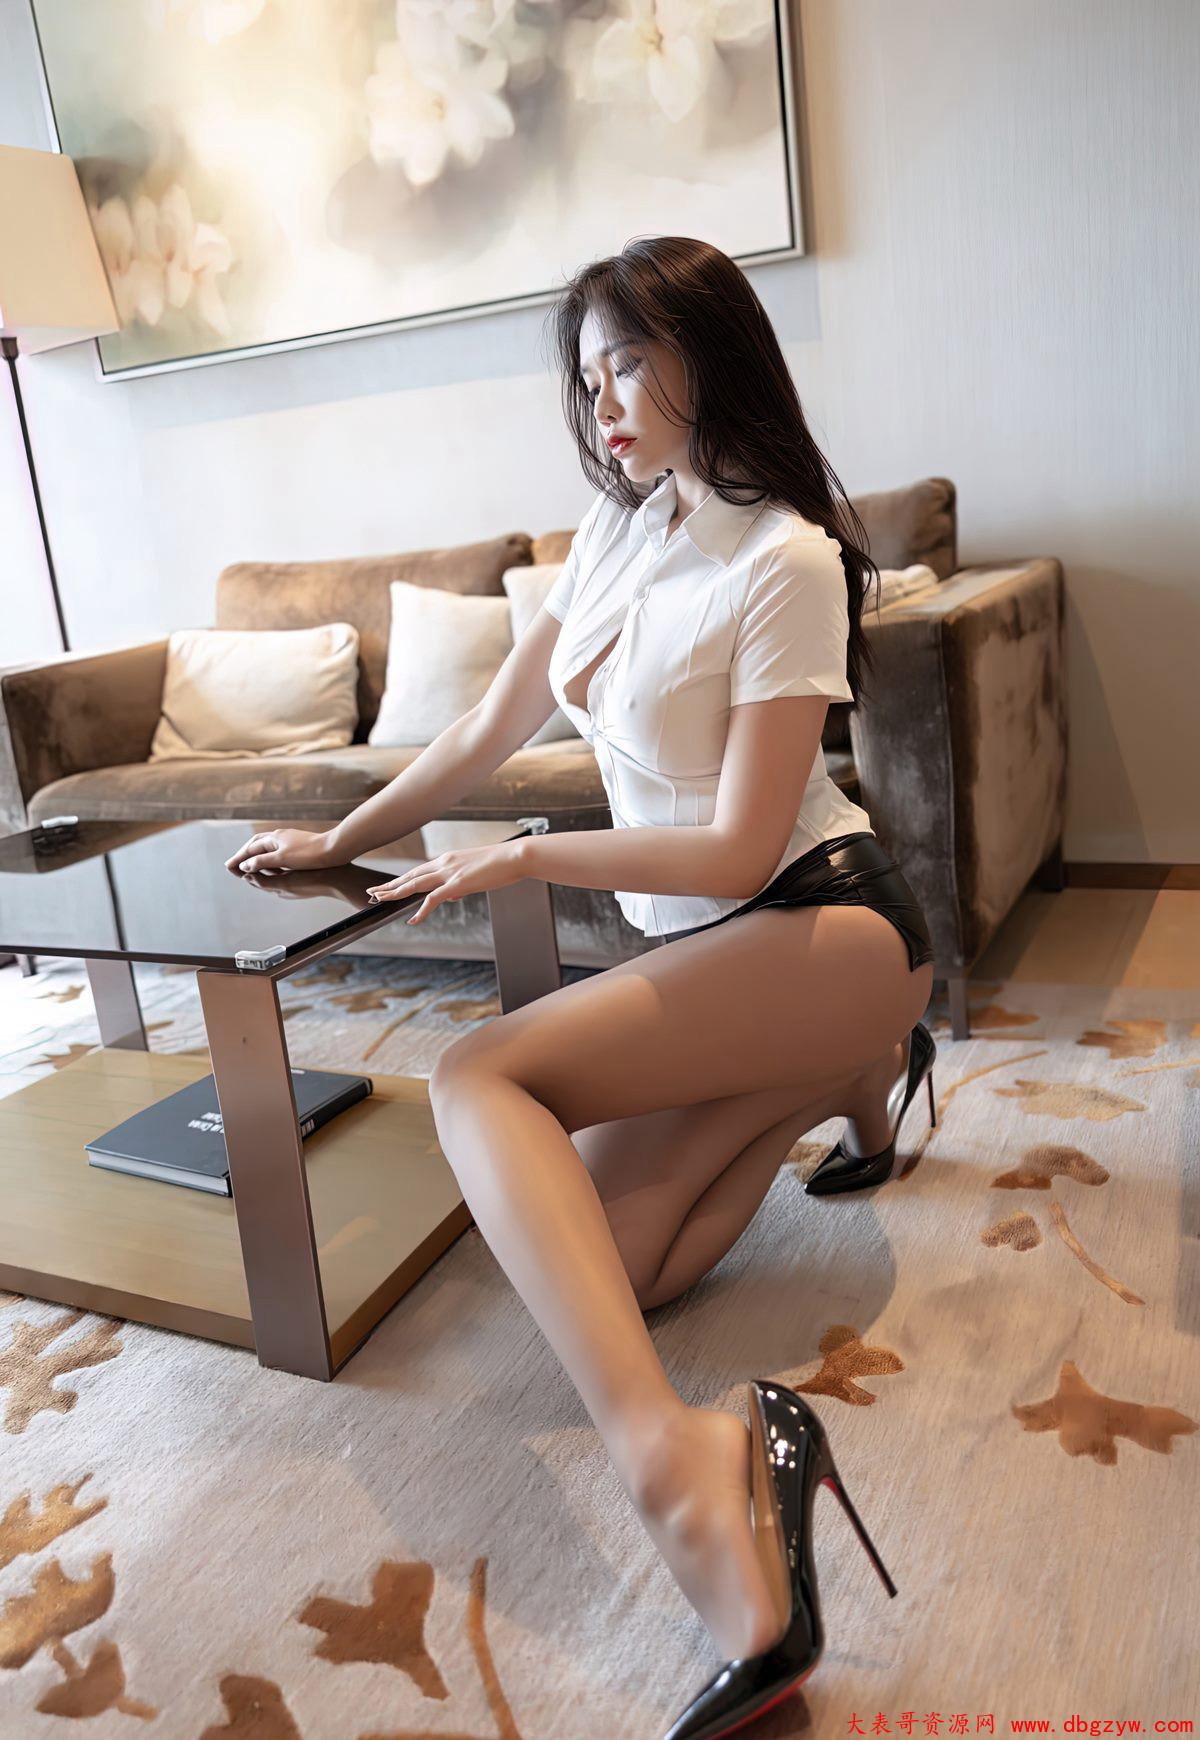 丝袜高跟美女制服诱惑OL美女丝袜美美女图片大胸